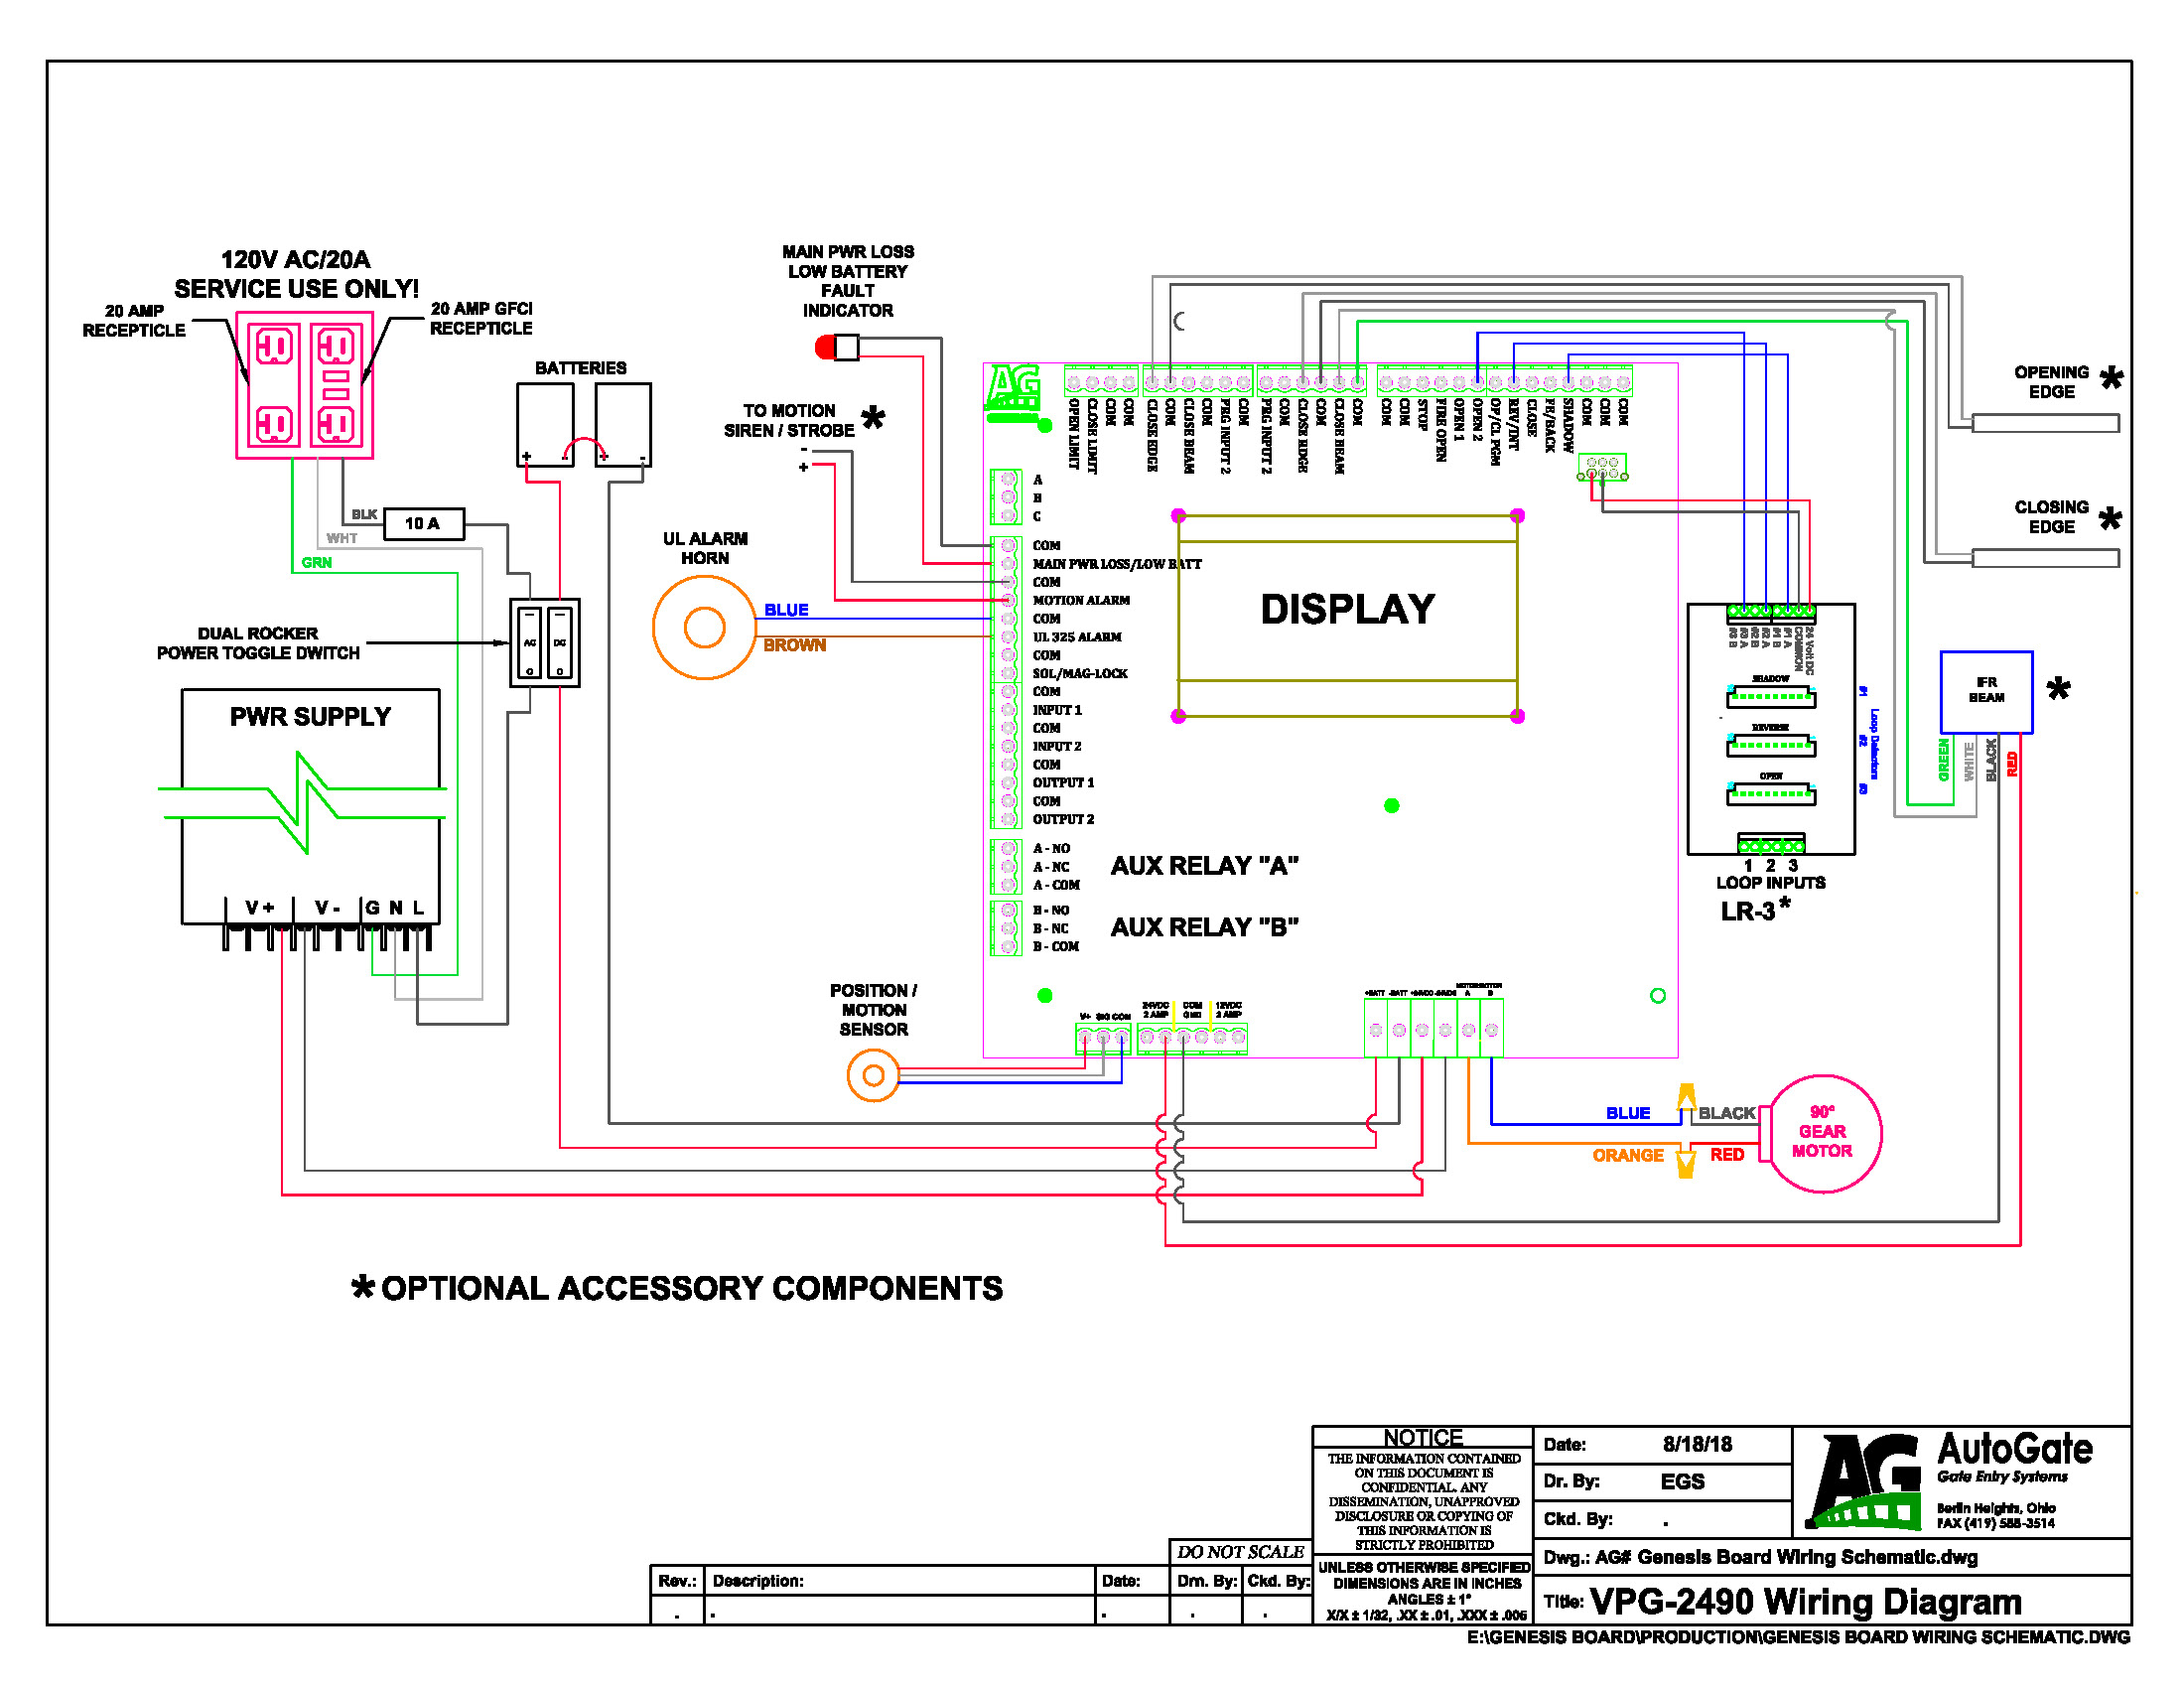 Genesis Schematic Wiring Diagram Dec 2018